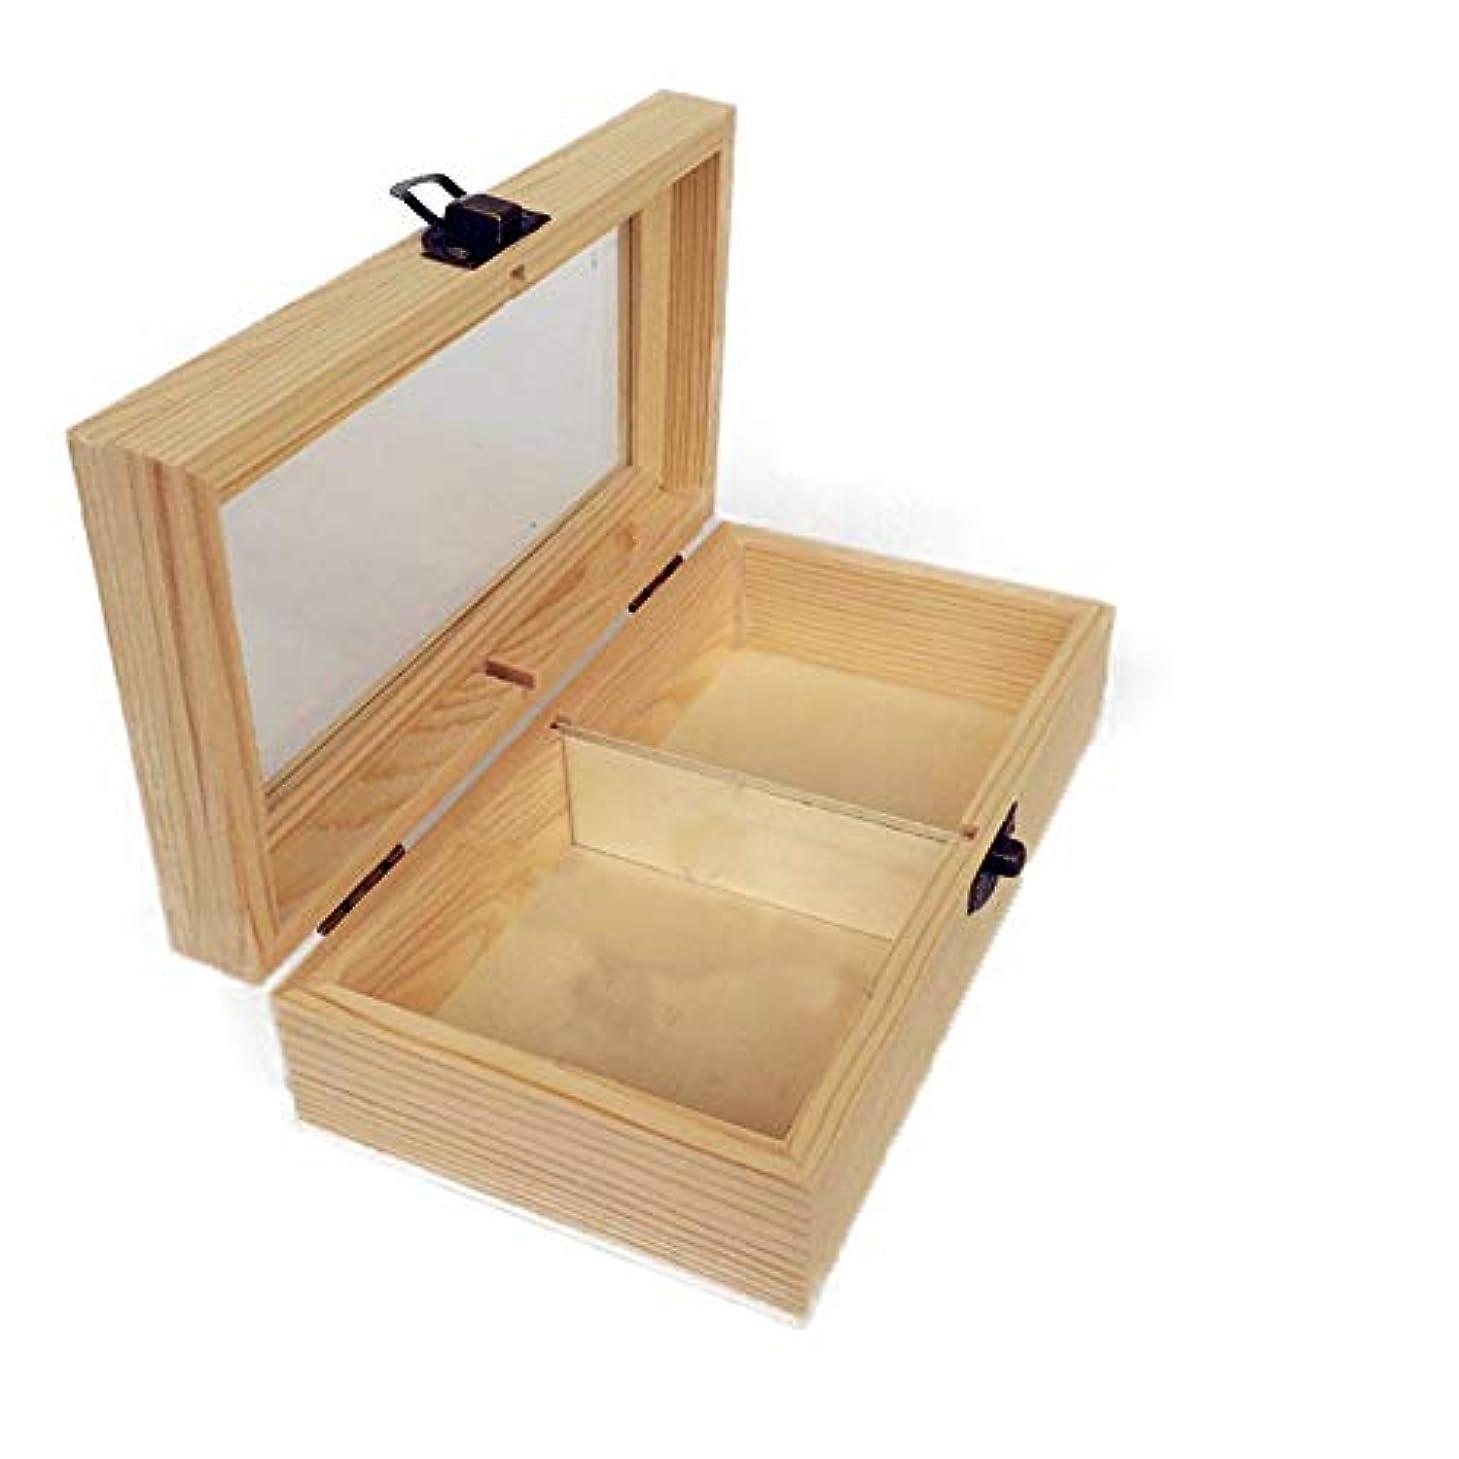 入るリブ運命エッセンシャルオイル収納ボックス プレゼンテーションのために手作りの木製ギフトボックスパーフェクトエッセンシャルオイルケースにエッセンシャルオイルは、被害太陽光からあなたの油を保護します (色 : Natural, サイズ...